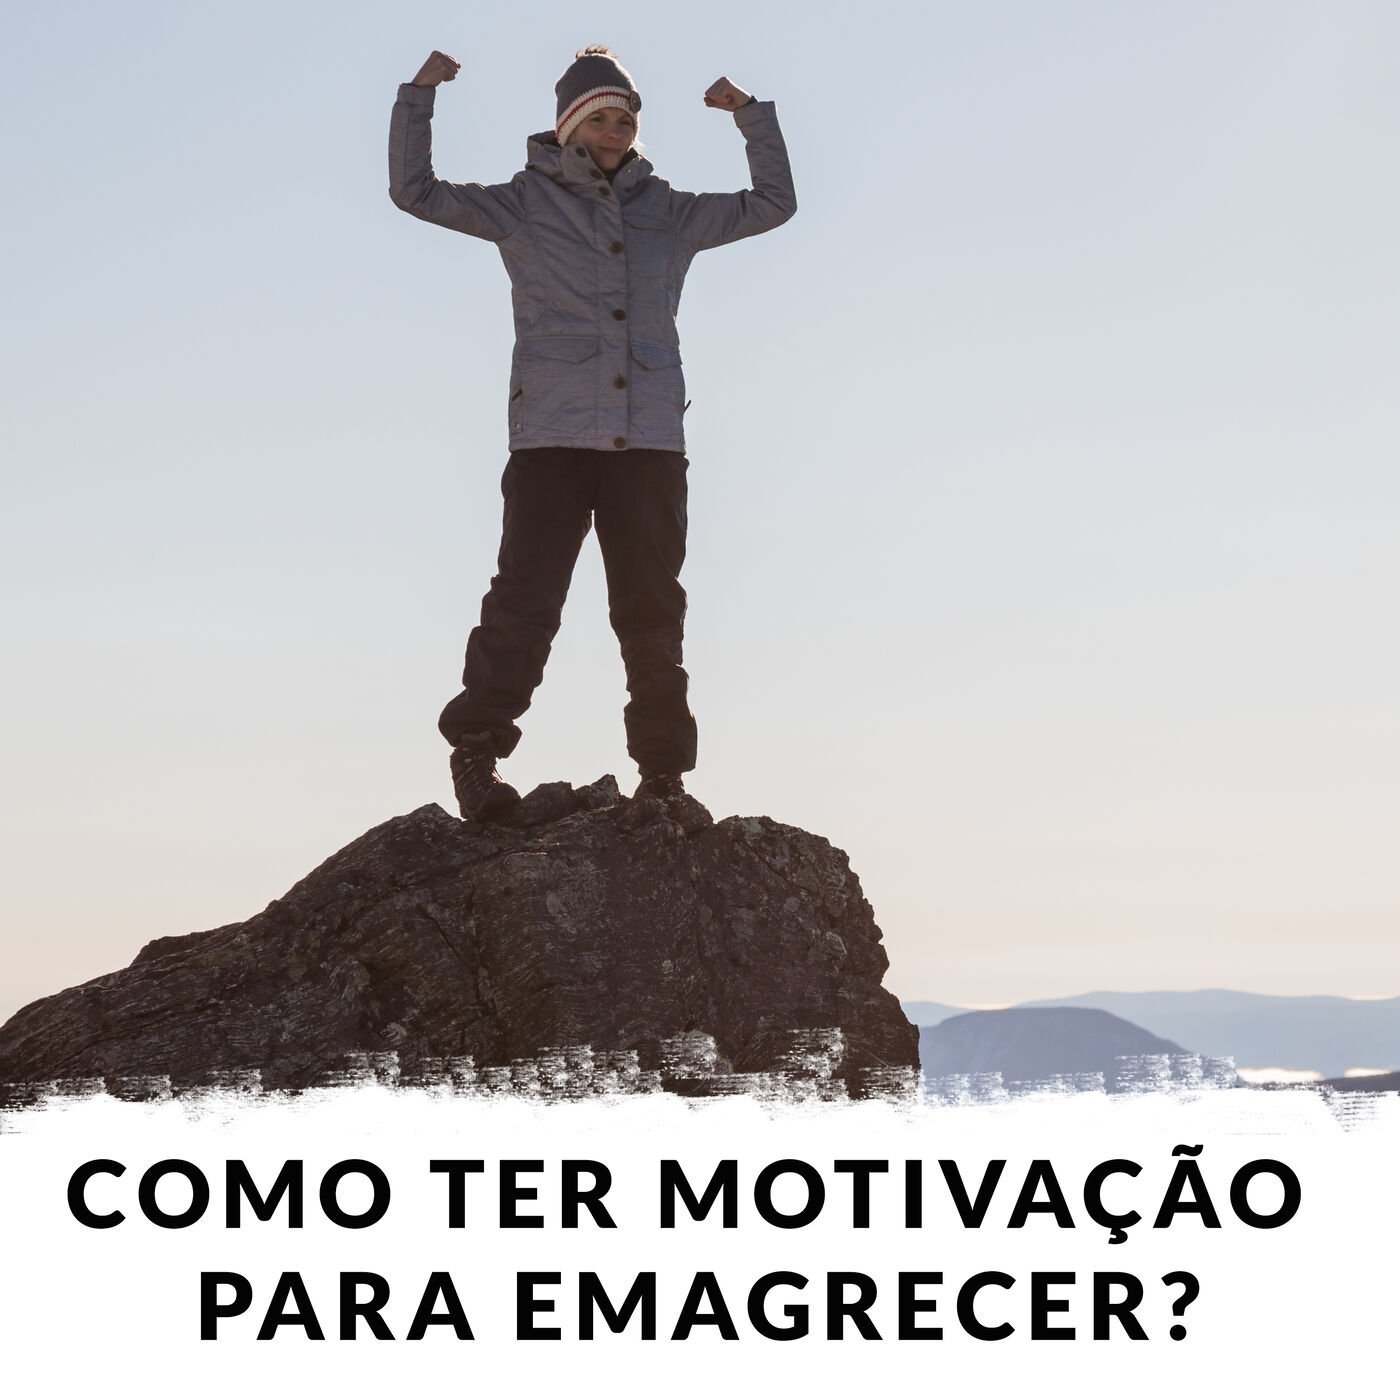 Como ter motivação para emagrecer?